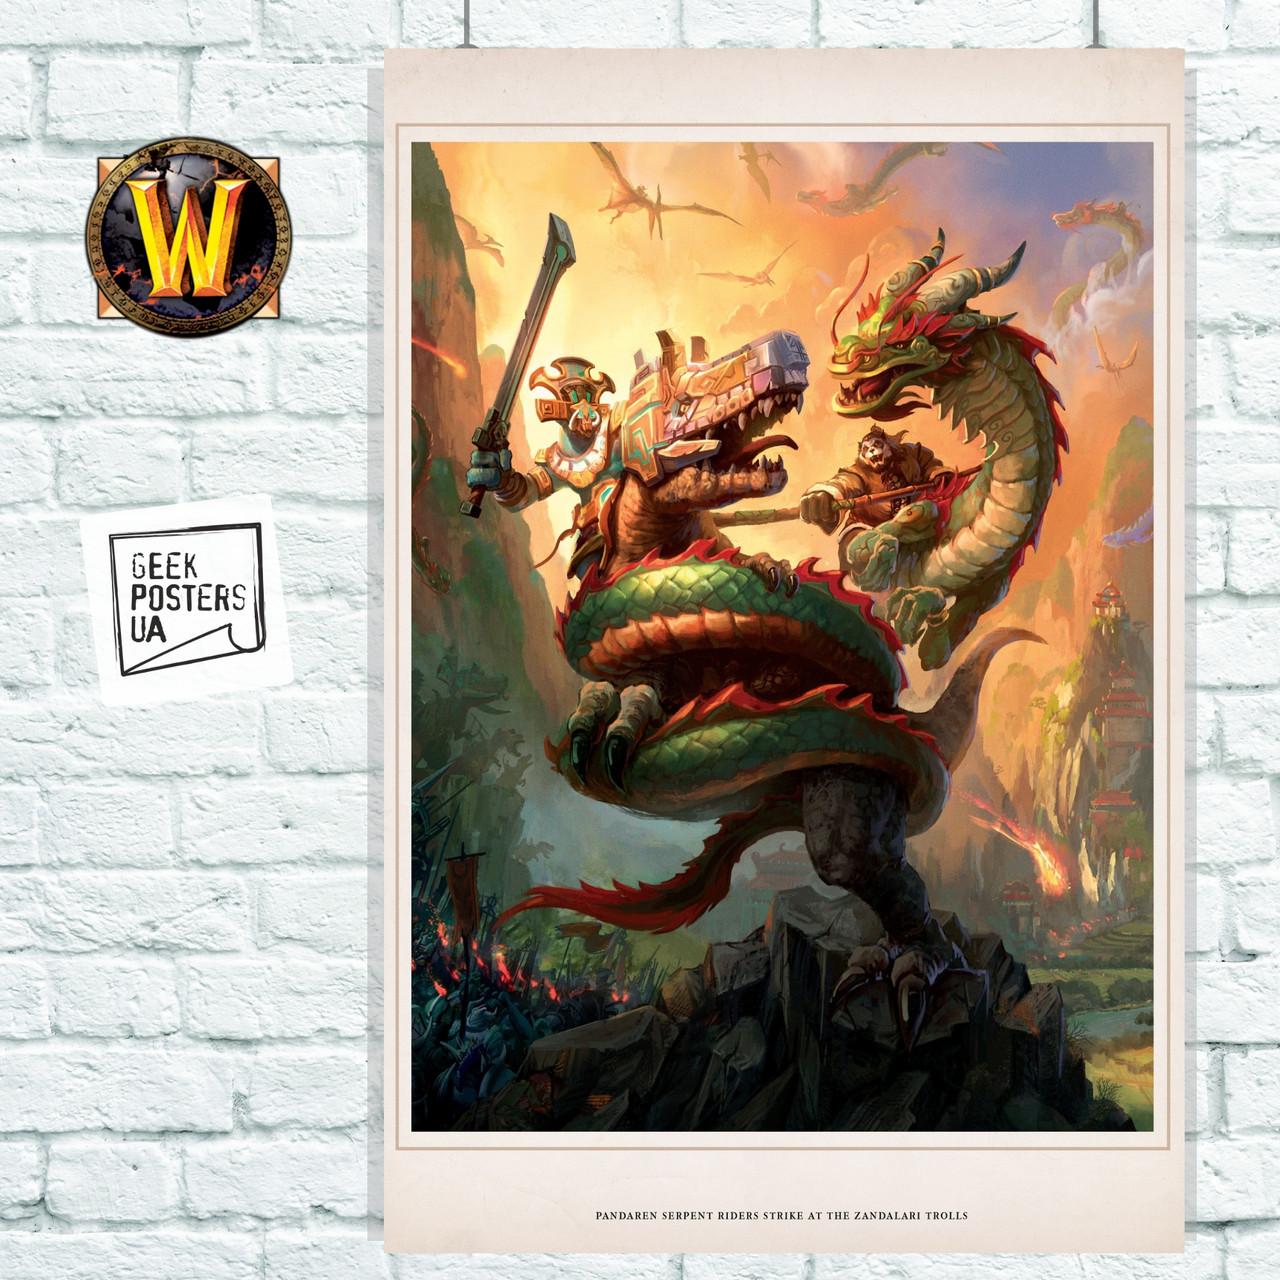 Постер World of Warcraft, пандарен на змее и зандаларский тролль. Размер 60x45см (A2). Глянцевая бумага